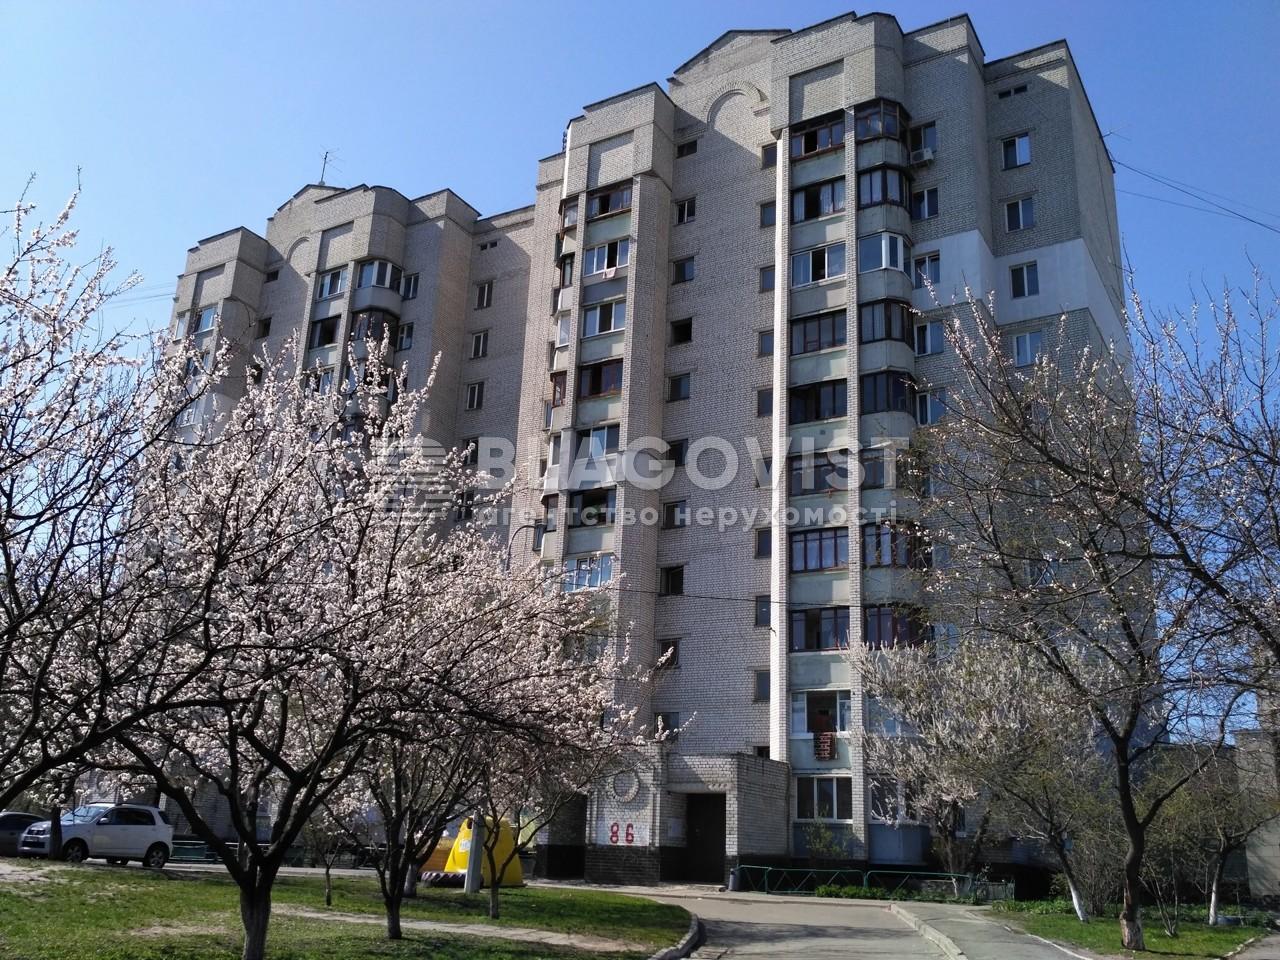 Квартира F-35284, Набережно-Корчеватская, 86, Киев - Фото 1